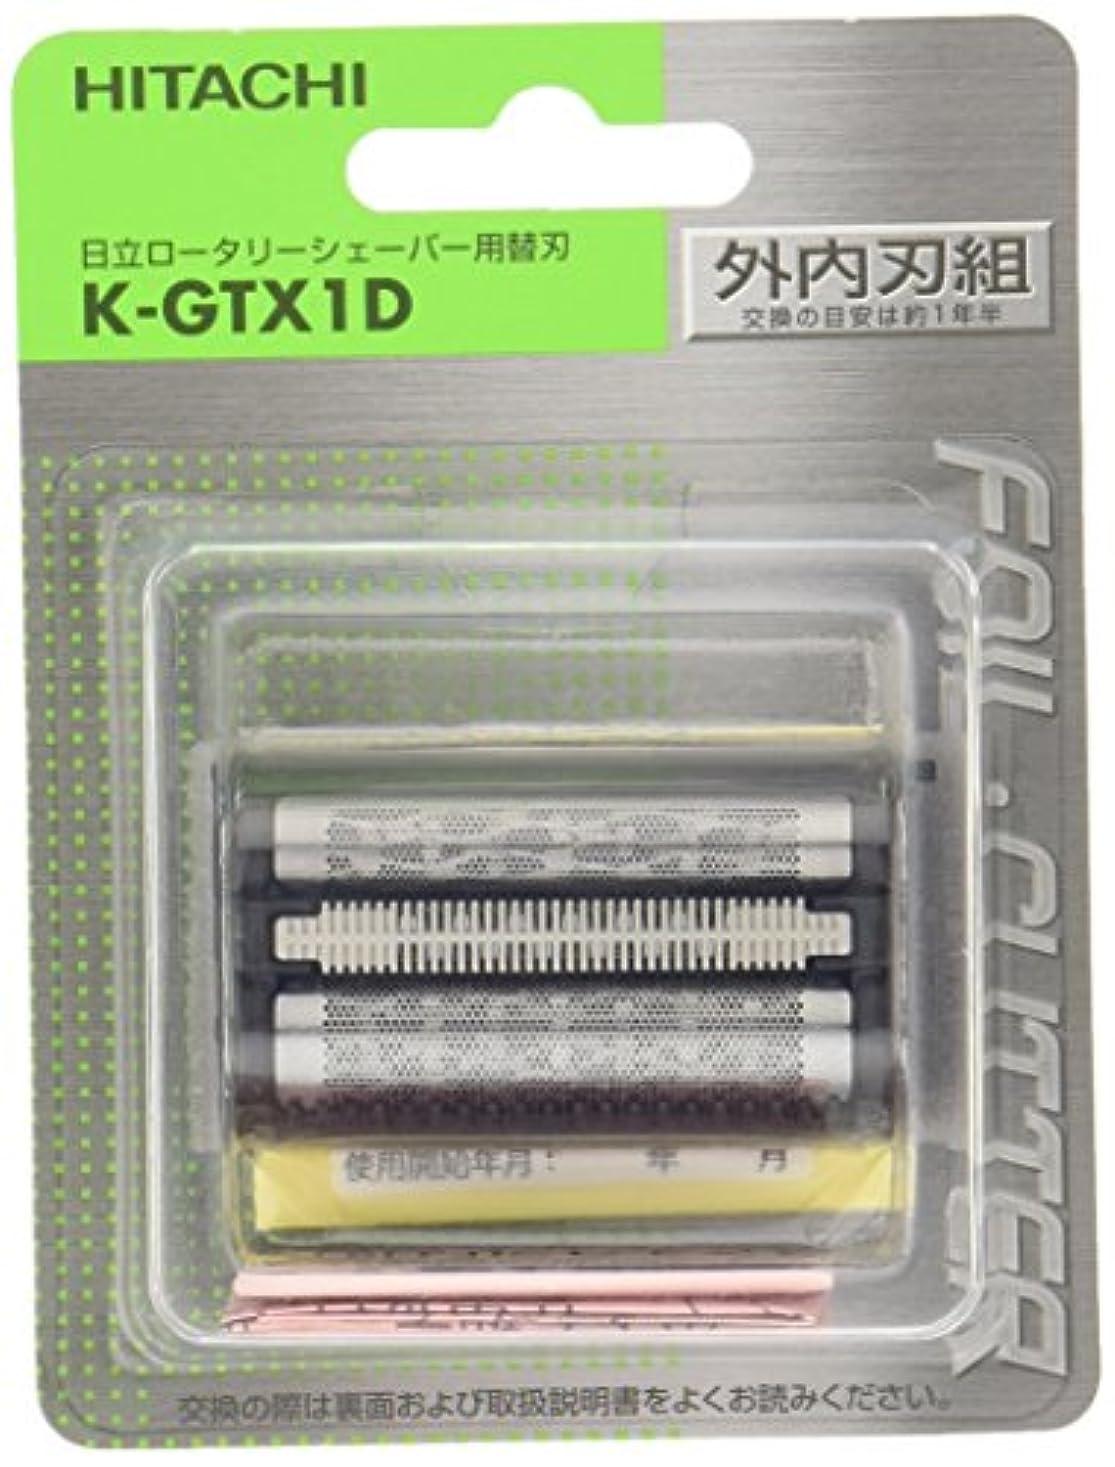 誘惑閲覧する迷信日立 メンズシェーバー替刃(外刃?内刃) K-GTX1D